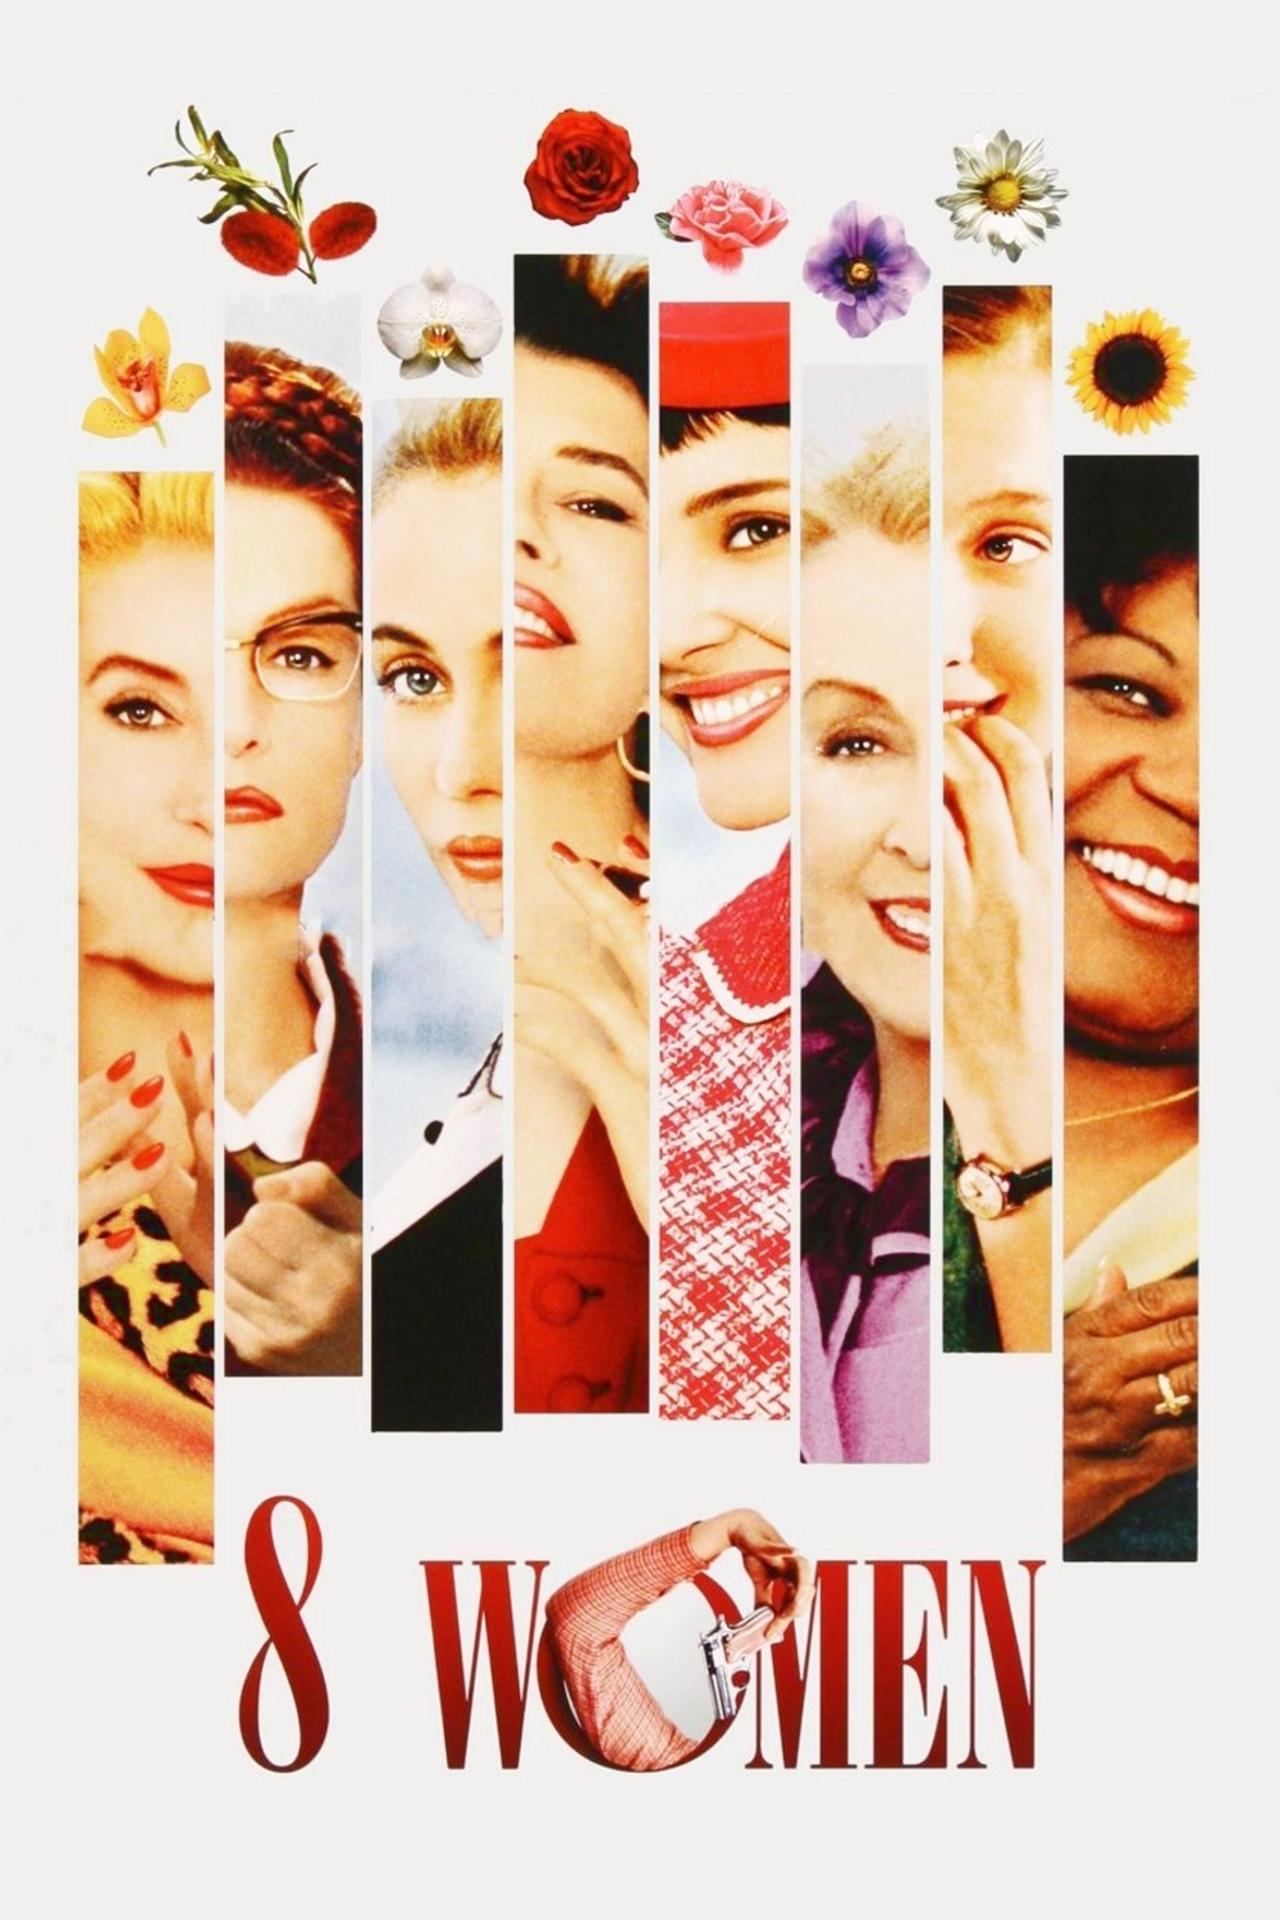 8 femmes kapak